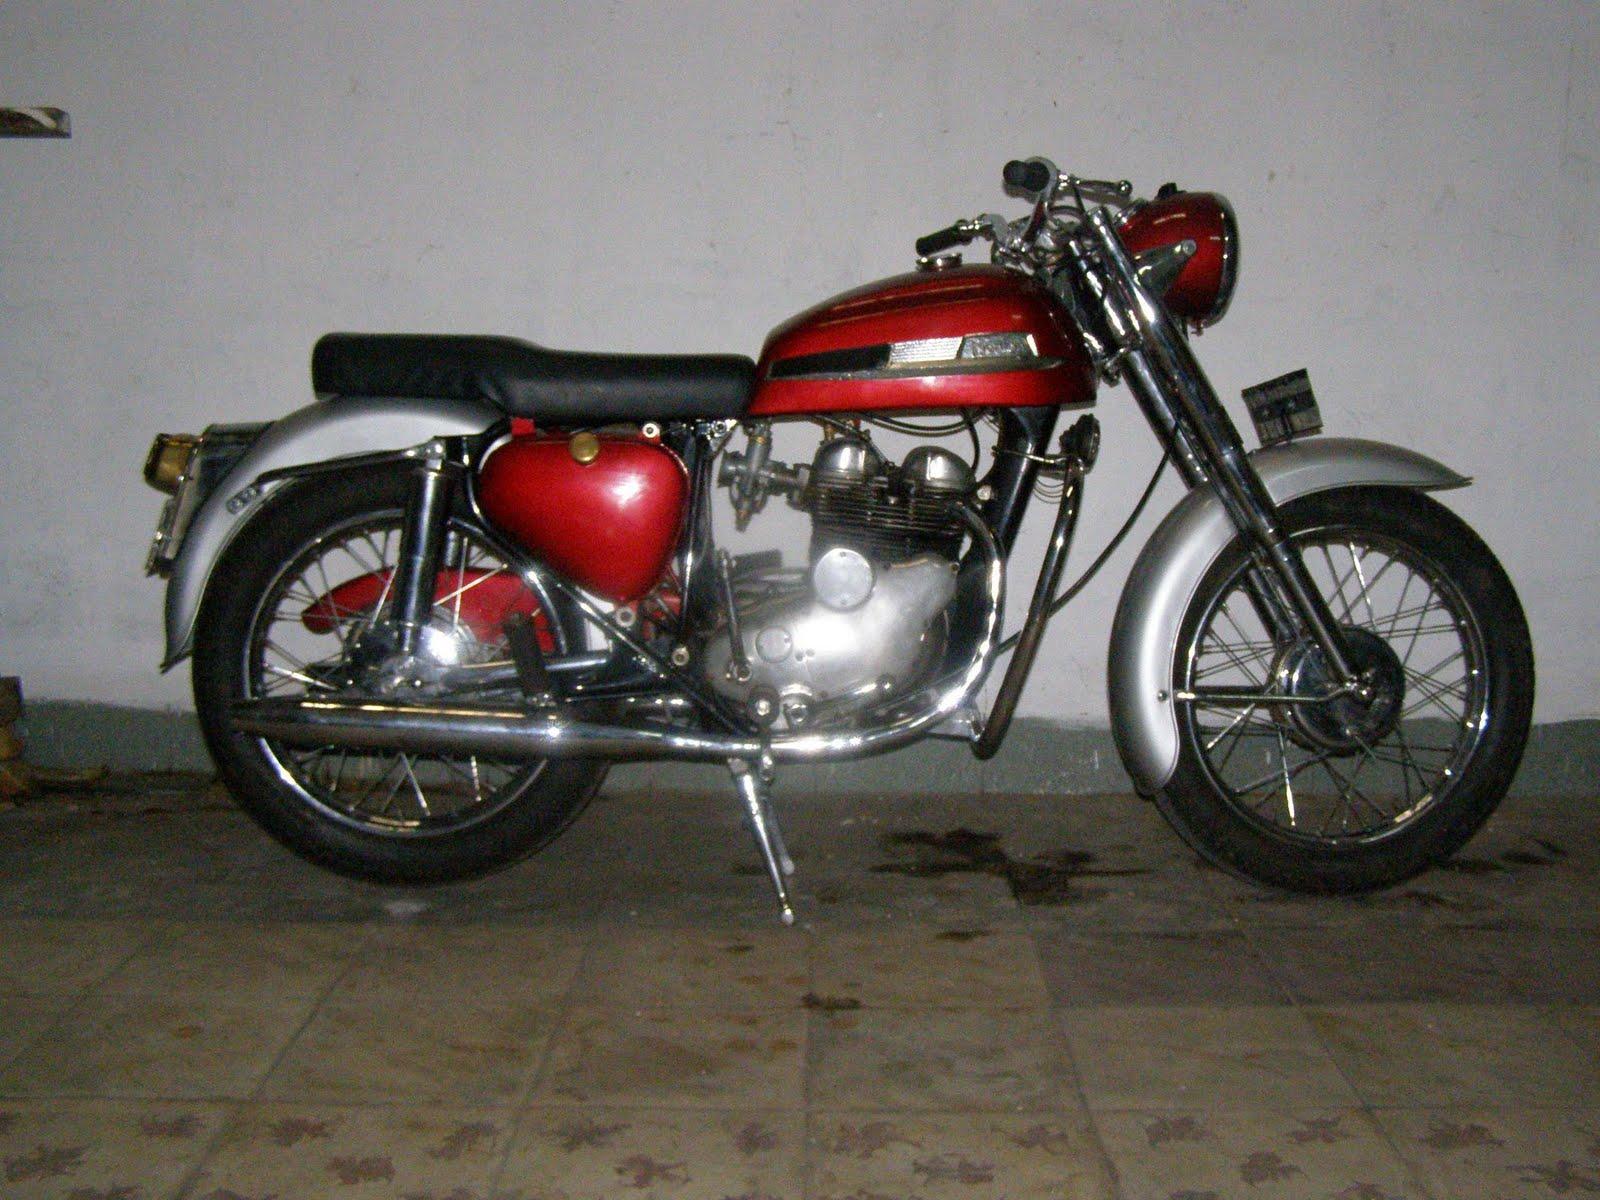 Motor Klasik, Sepeda Ontel dan Barang Antik: Dijual BSA ...